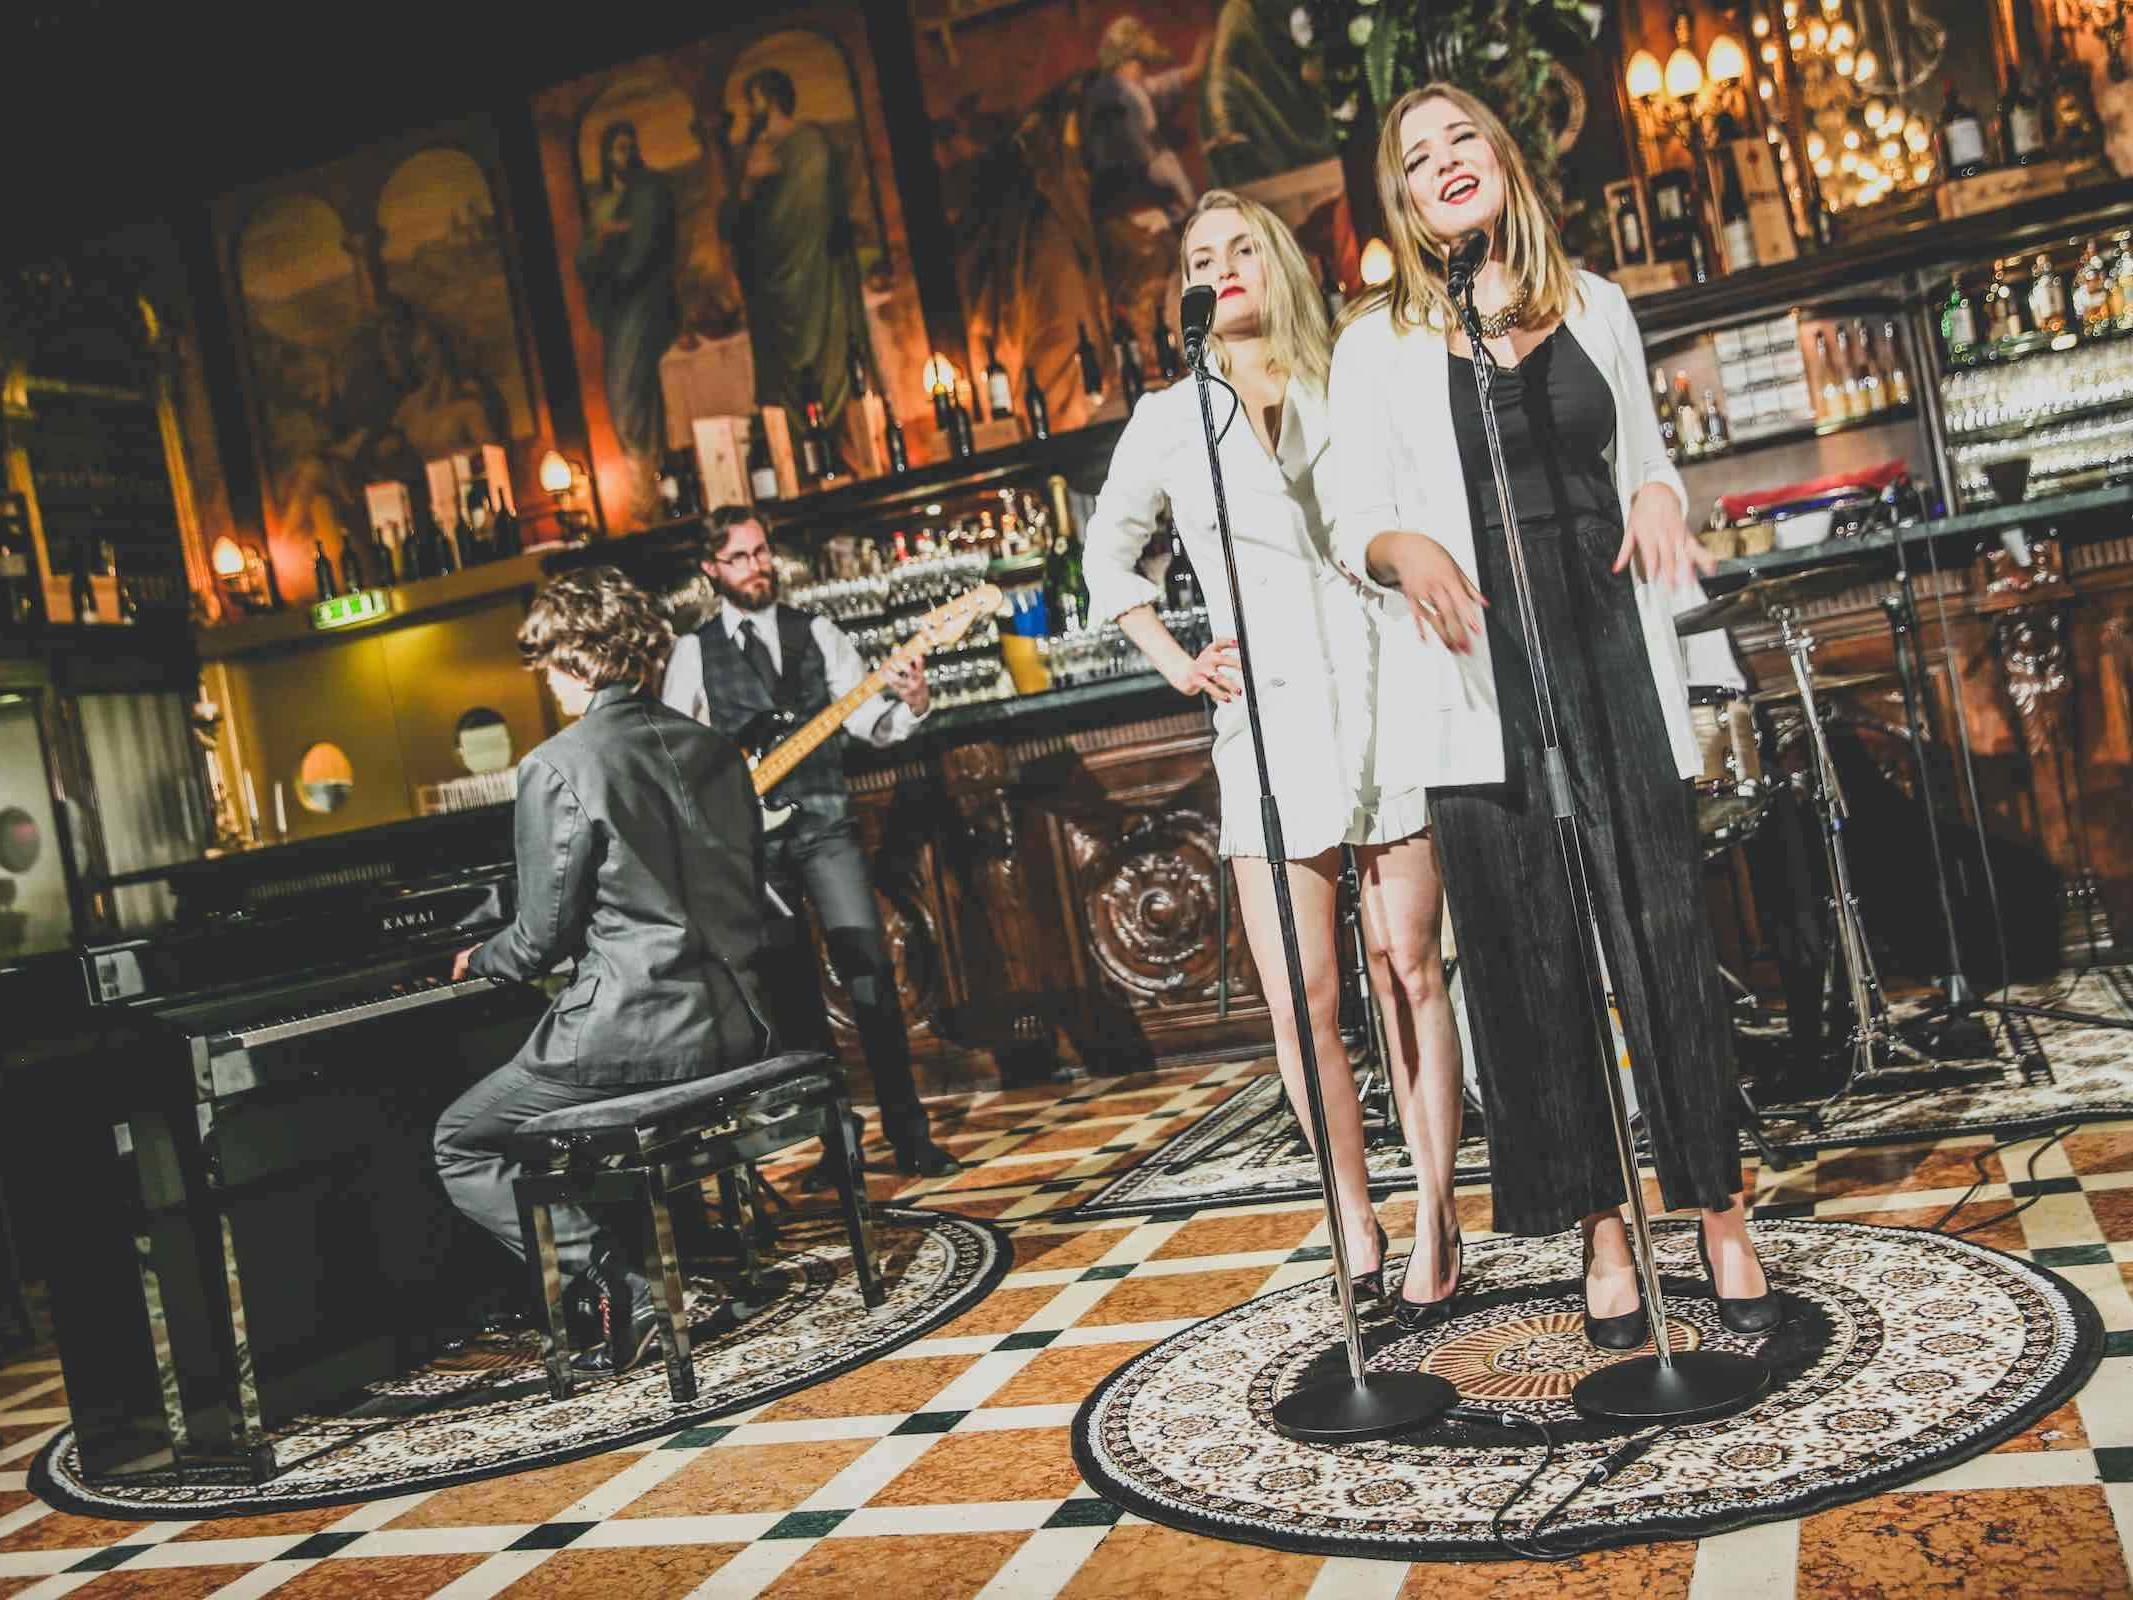 Band | Hamburg | Hochzeit | Liveband | Partyband | Popband | Jazzband | Swingband | Messeparty | Lounge | Band | Empfang | Pop | Jazz | Sänger | Messe | Firmenfeier | Charity | Gala | Buchen | Mieten | Hamburgfeiert